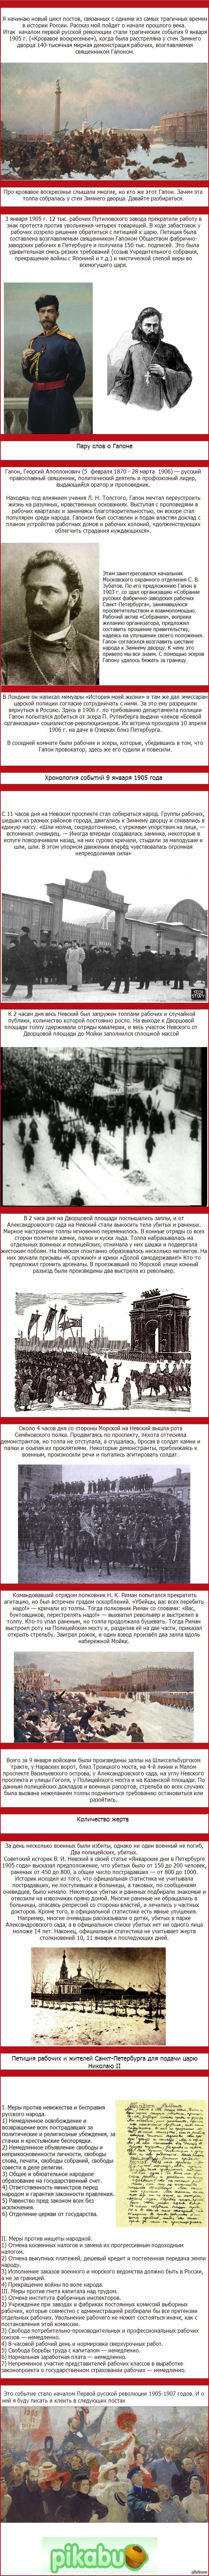 Кровавое воскресенье - xx век (до 1917 г.) - onhistory.ru